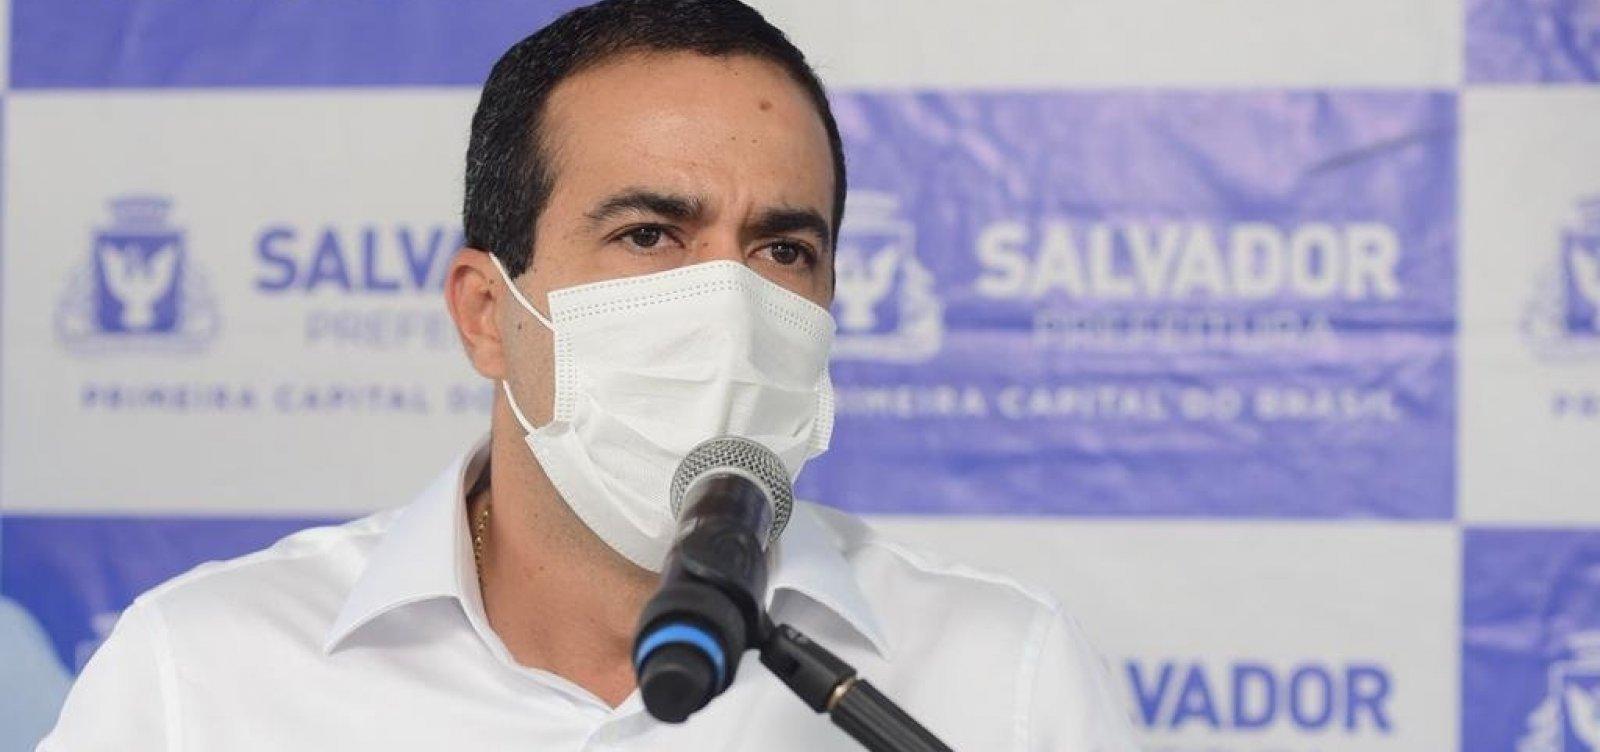 [Prefeitura anuncia ampliação da vacinação em profissionais de saúde ]